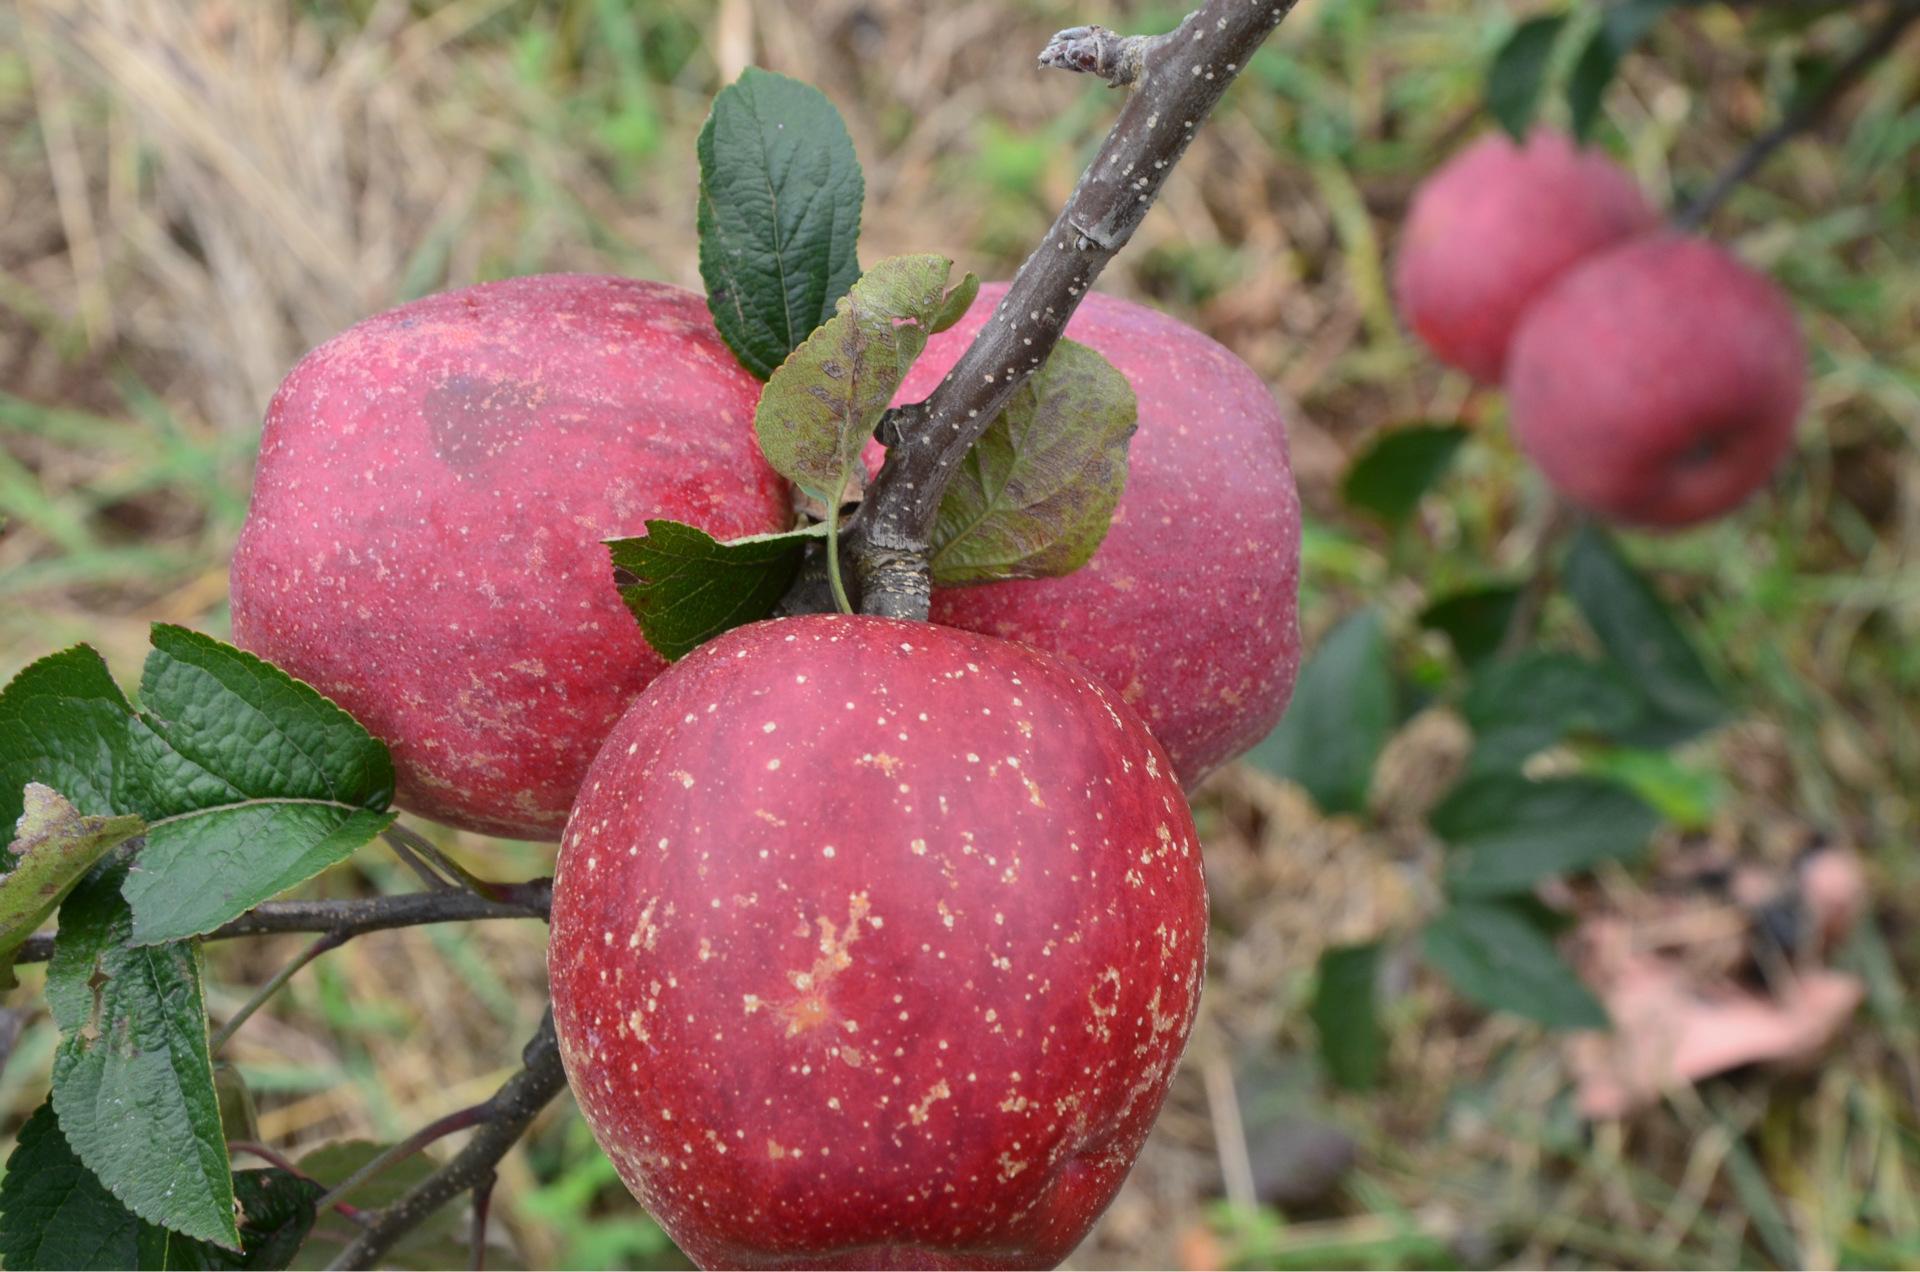 云南昭通丑苹果,爽脆冰糖心,自然生长,连皮也能吃,你吃过吗?